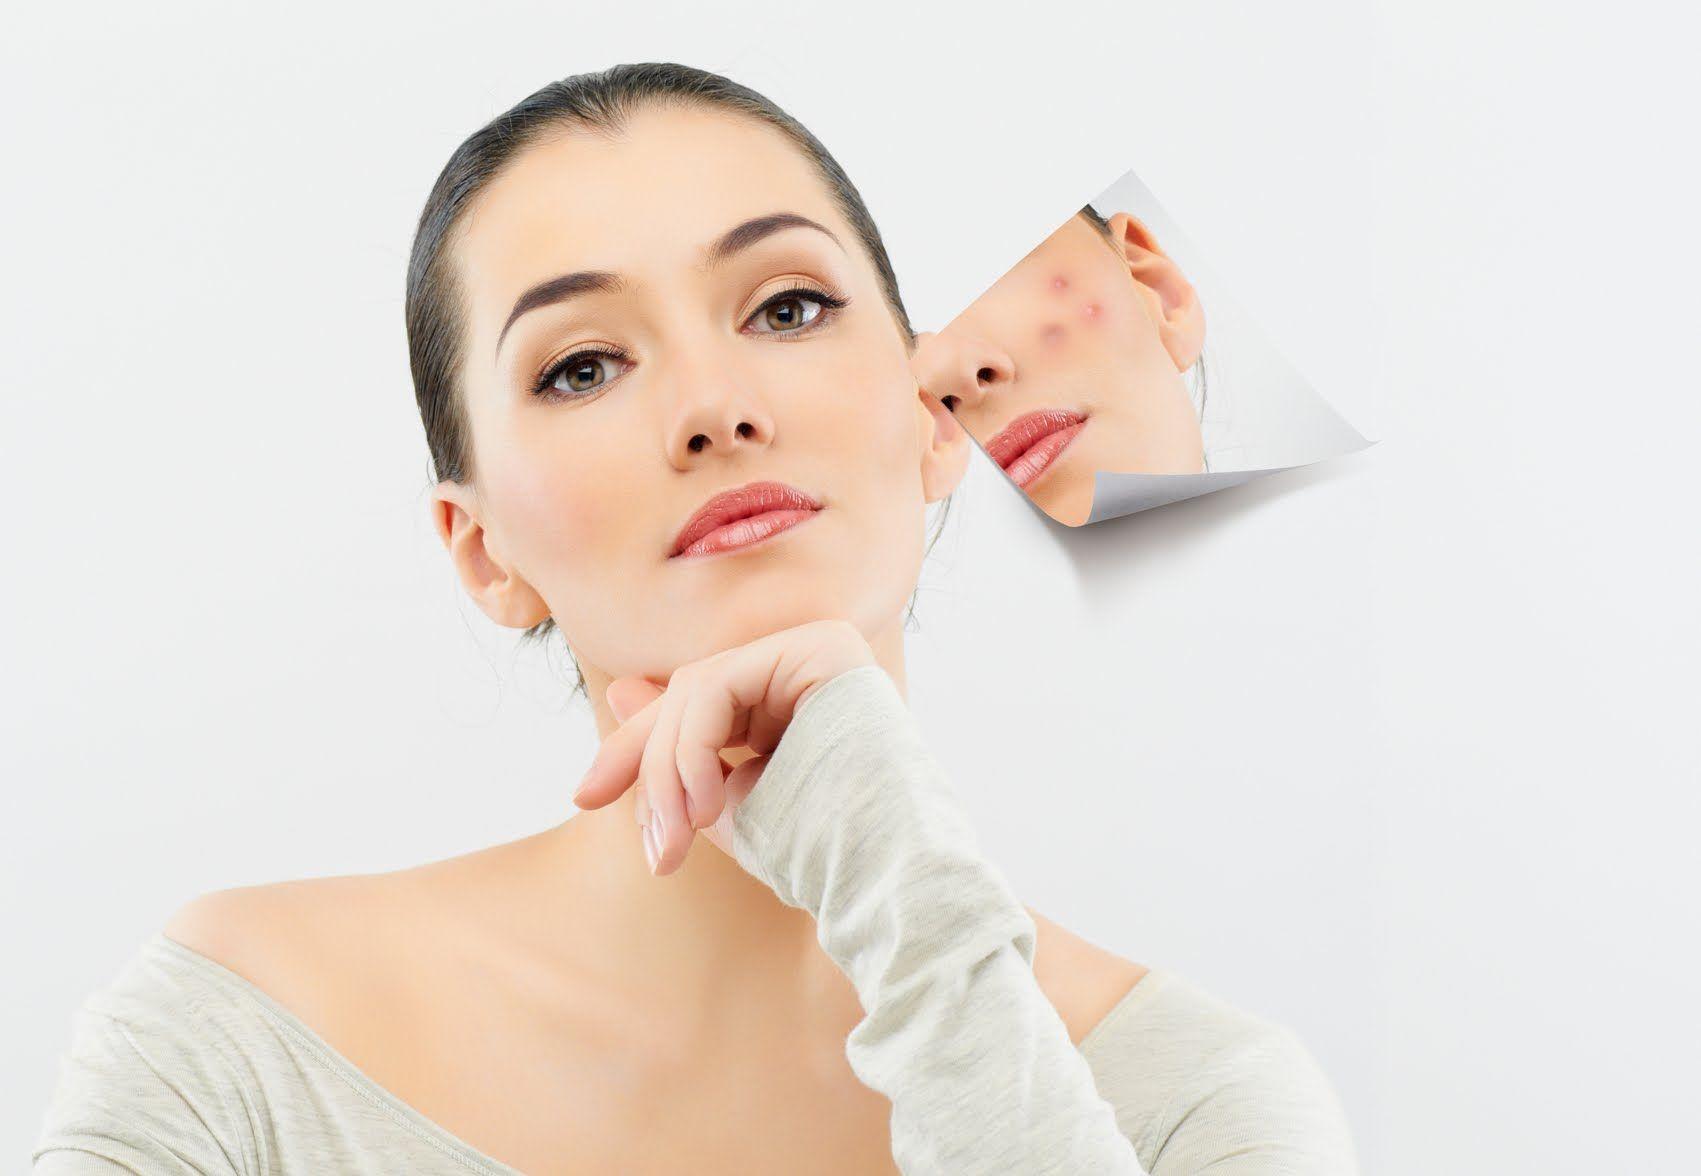 Лечение шрамов народными средствами